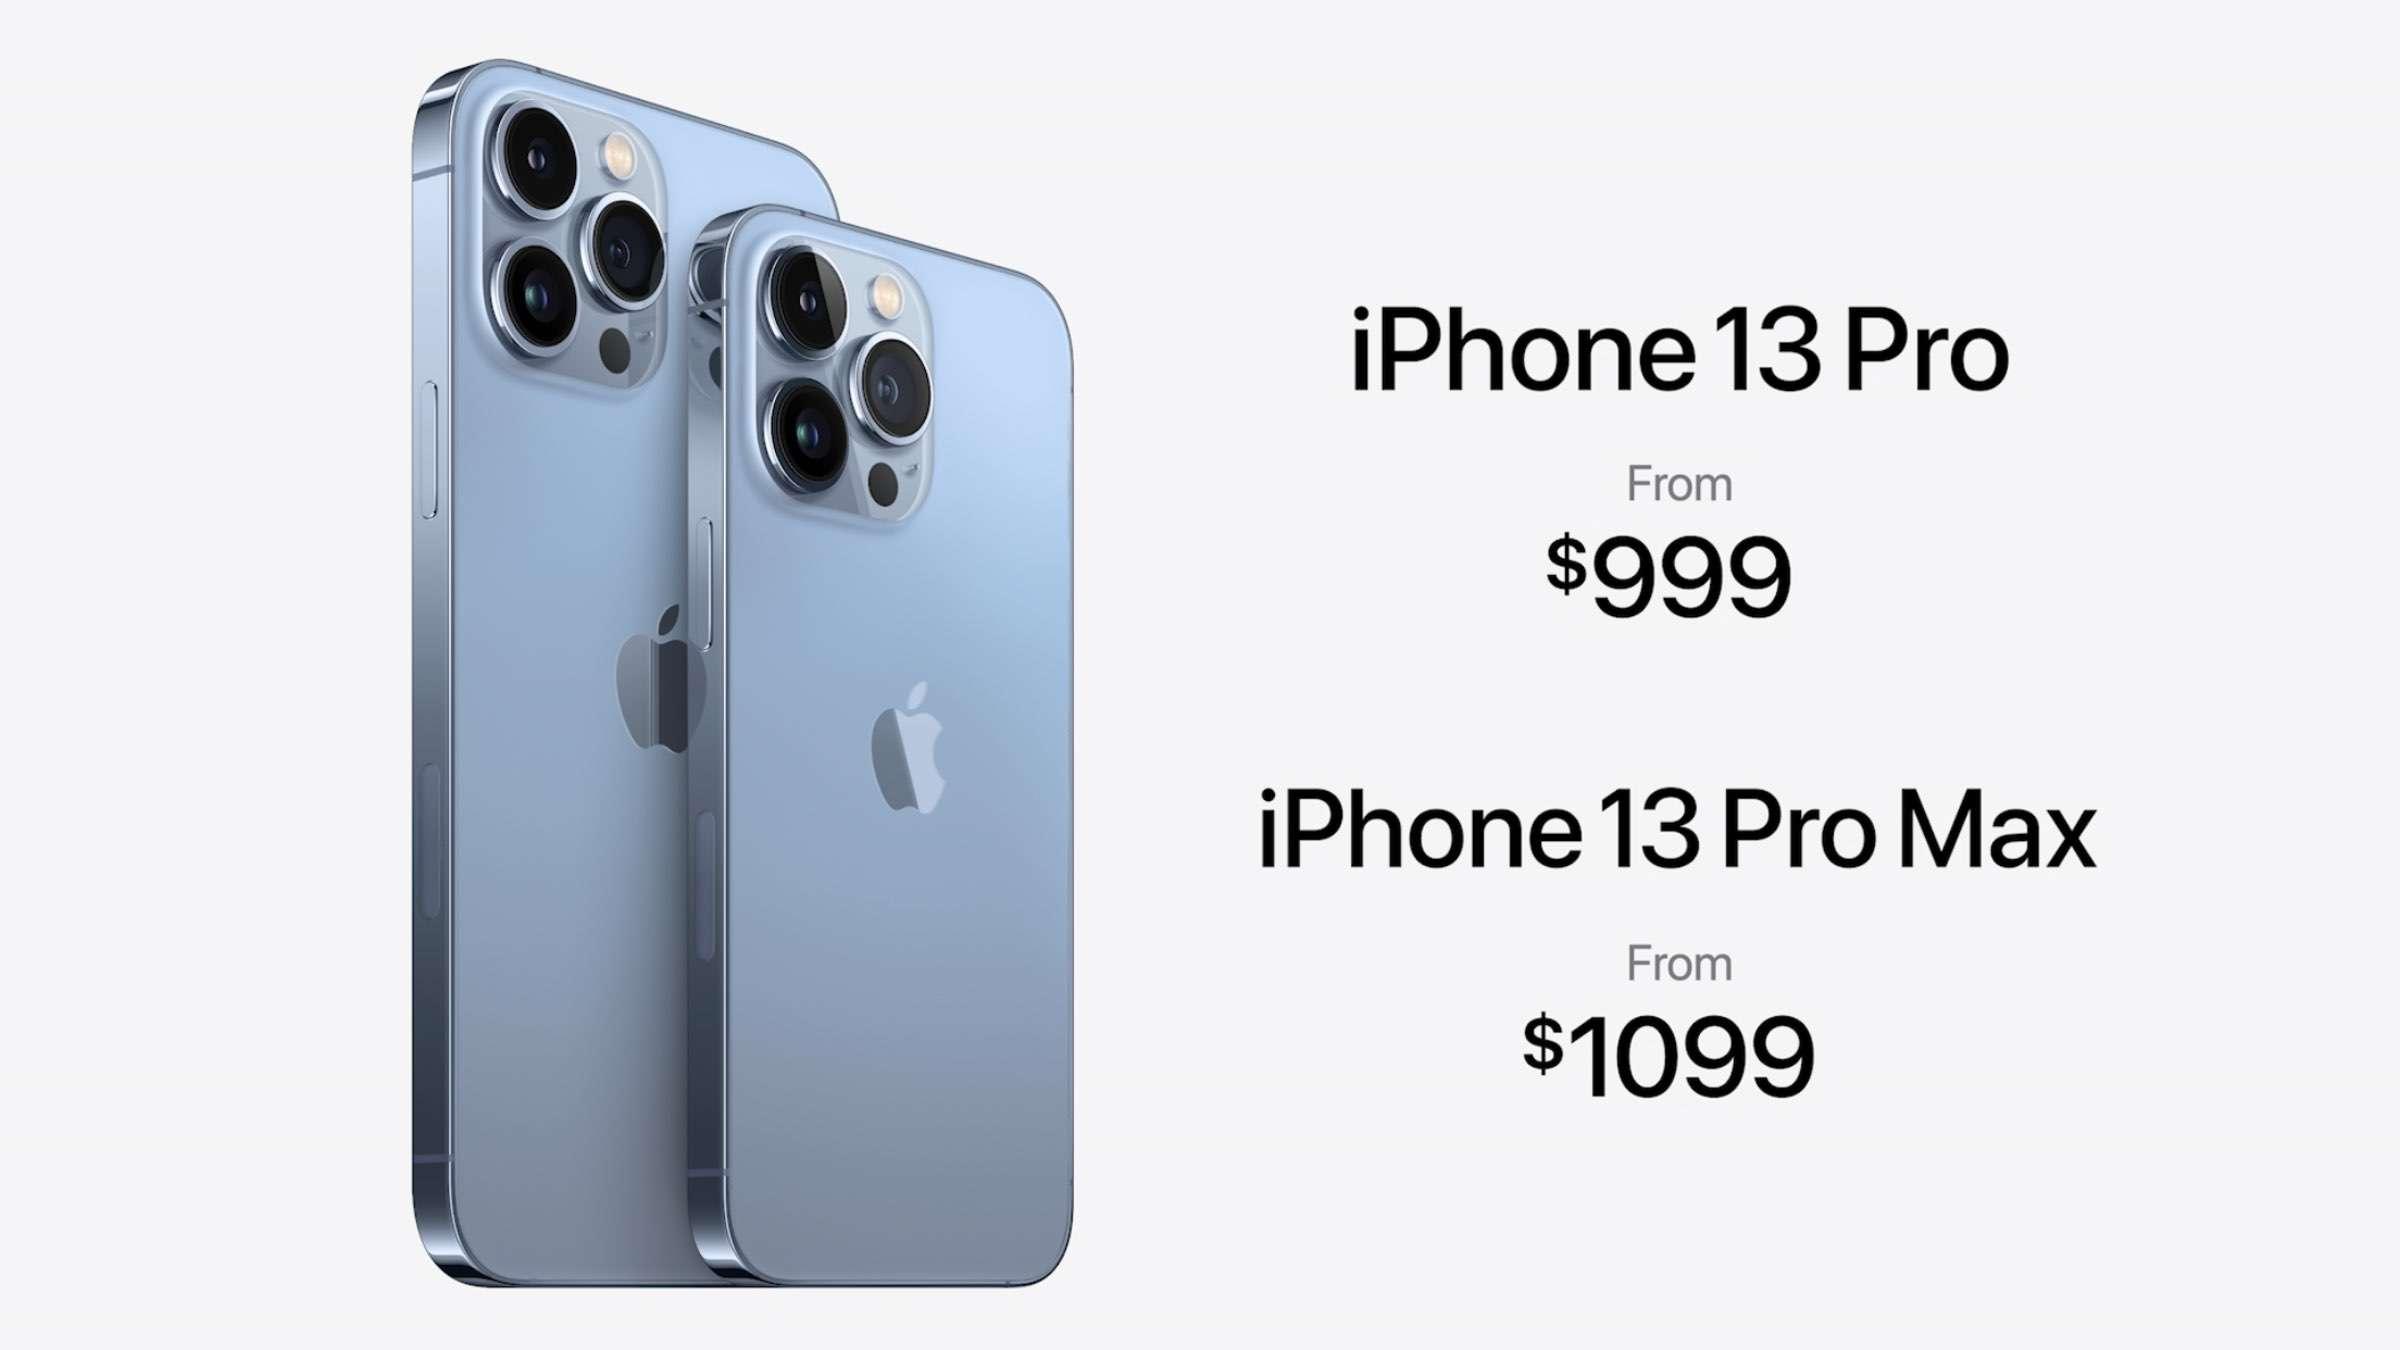 Die Preise für die grossen zwei